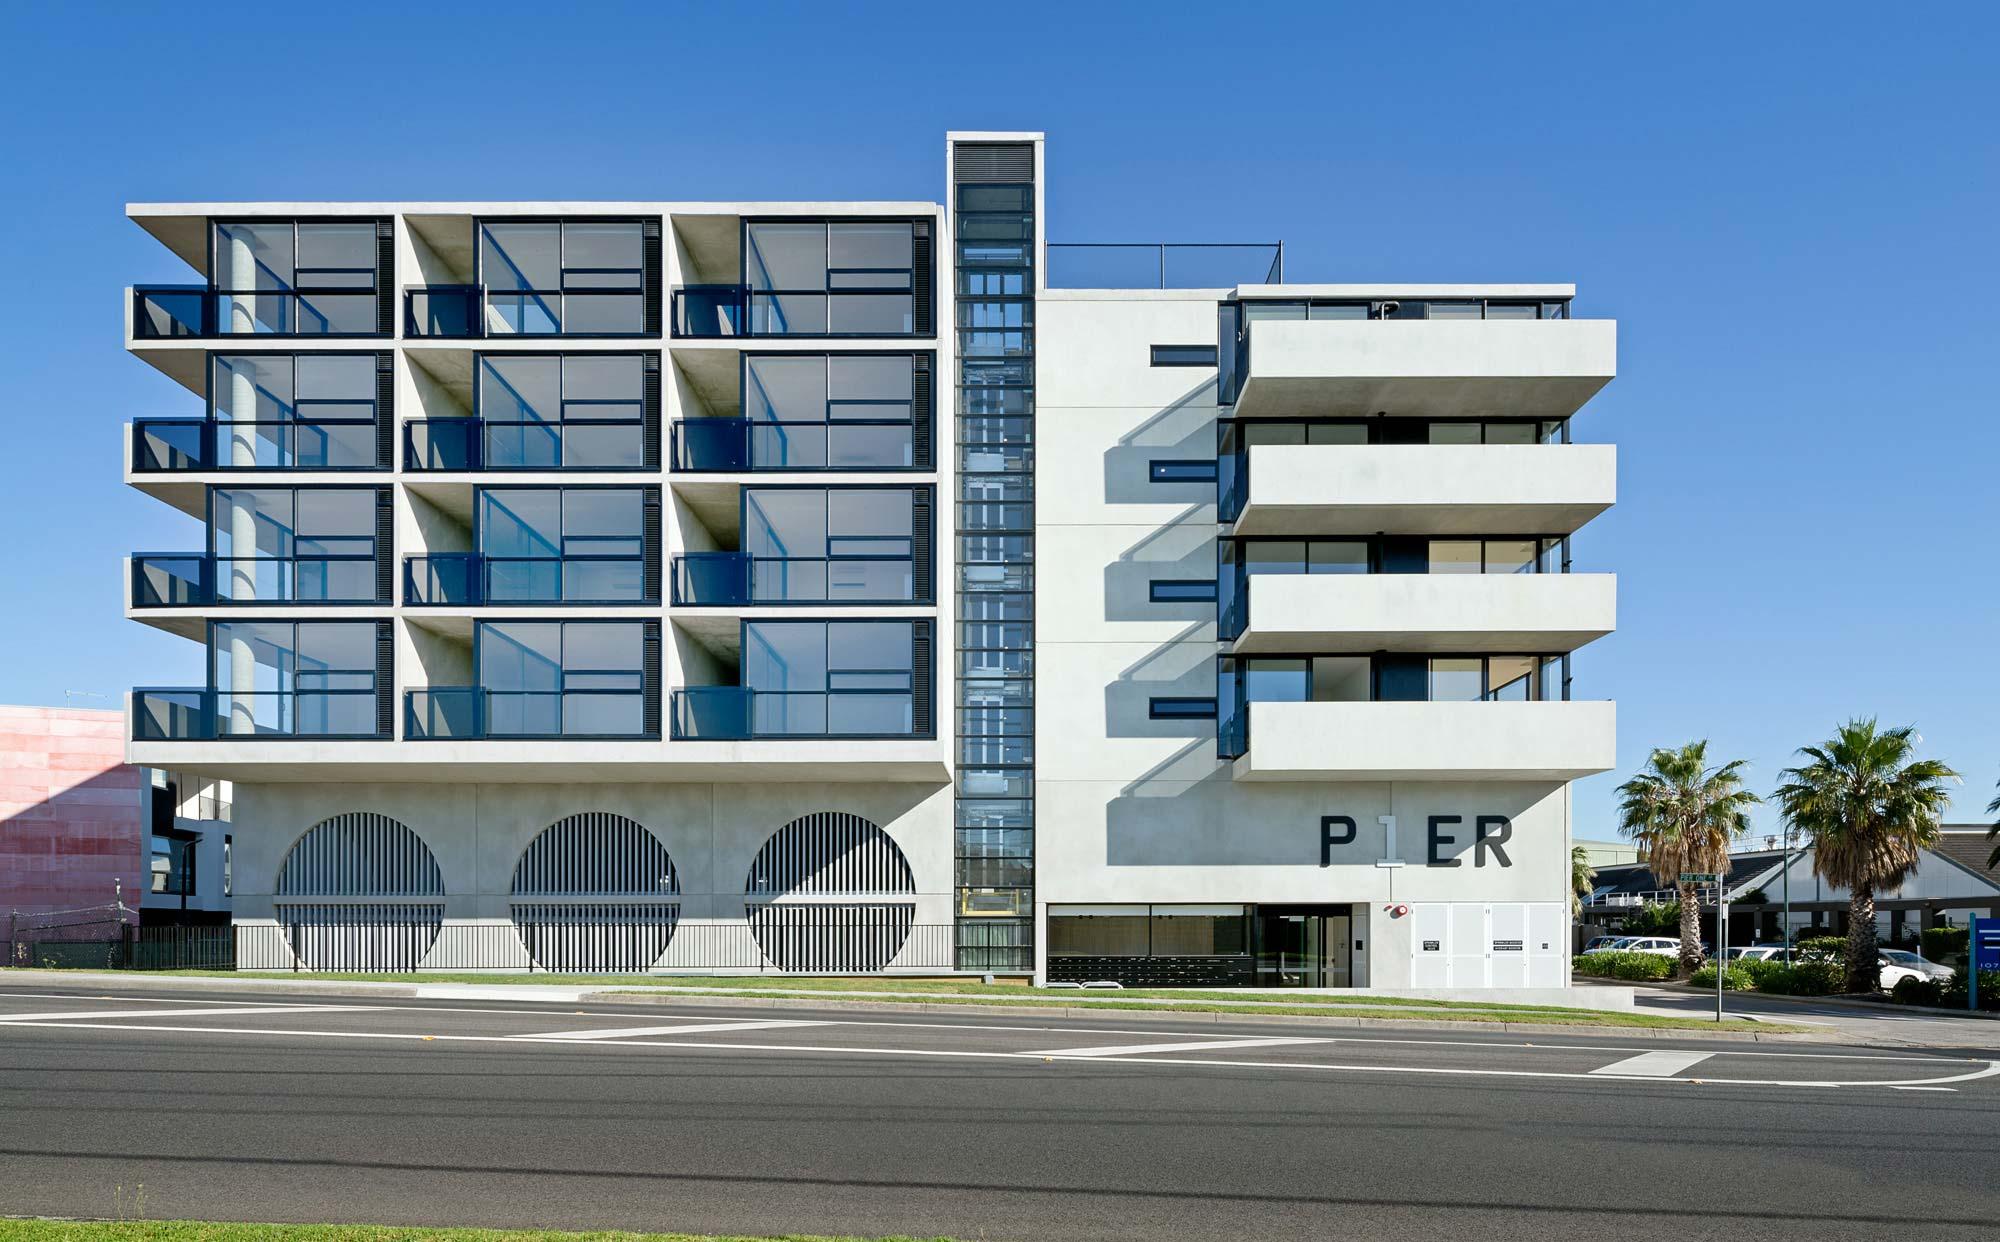 Optitherm Pier1 apartments